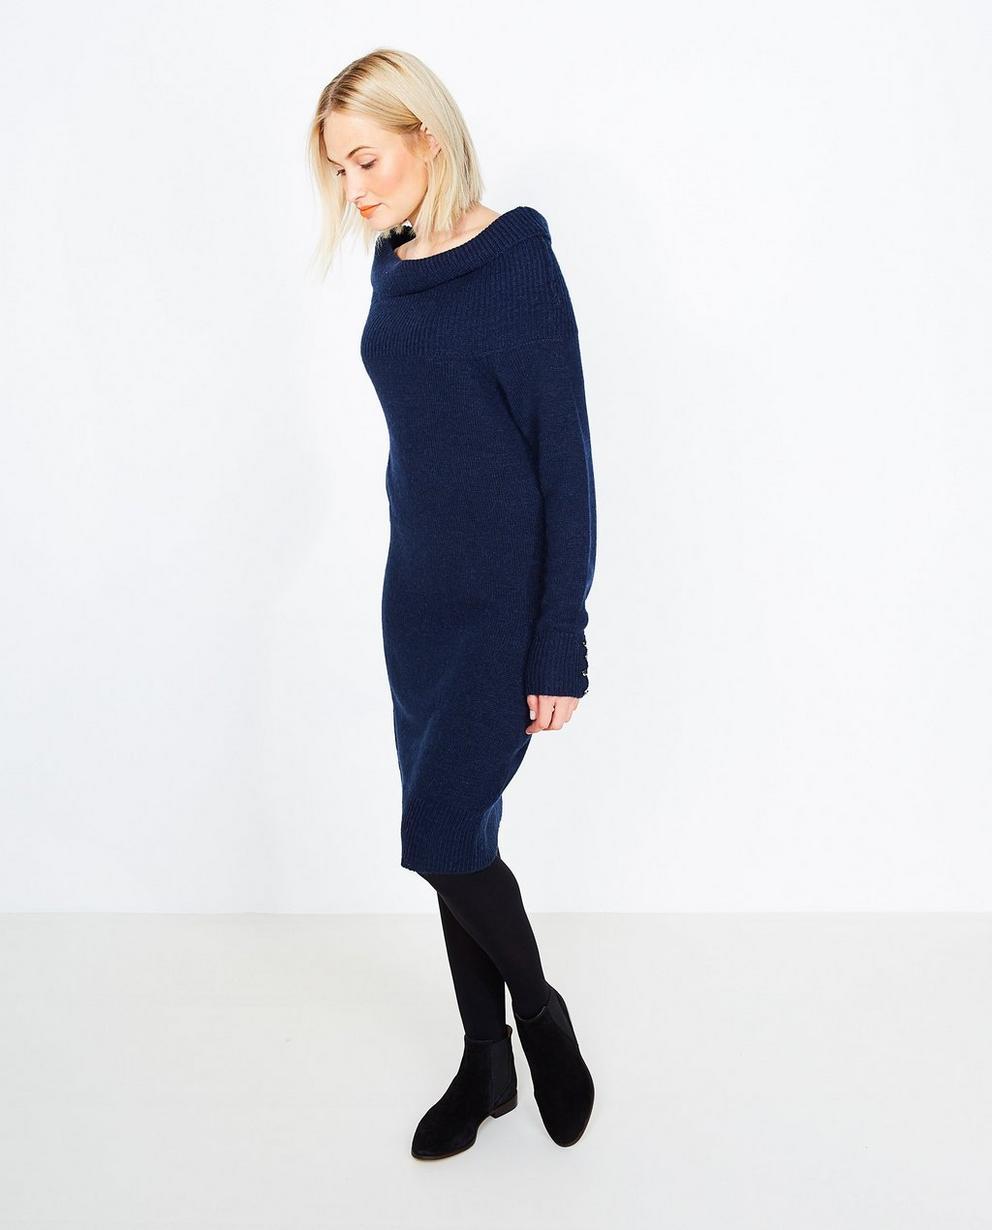 Robe en tricot bleu nuit - avec col châle - JBC